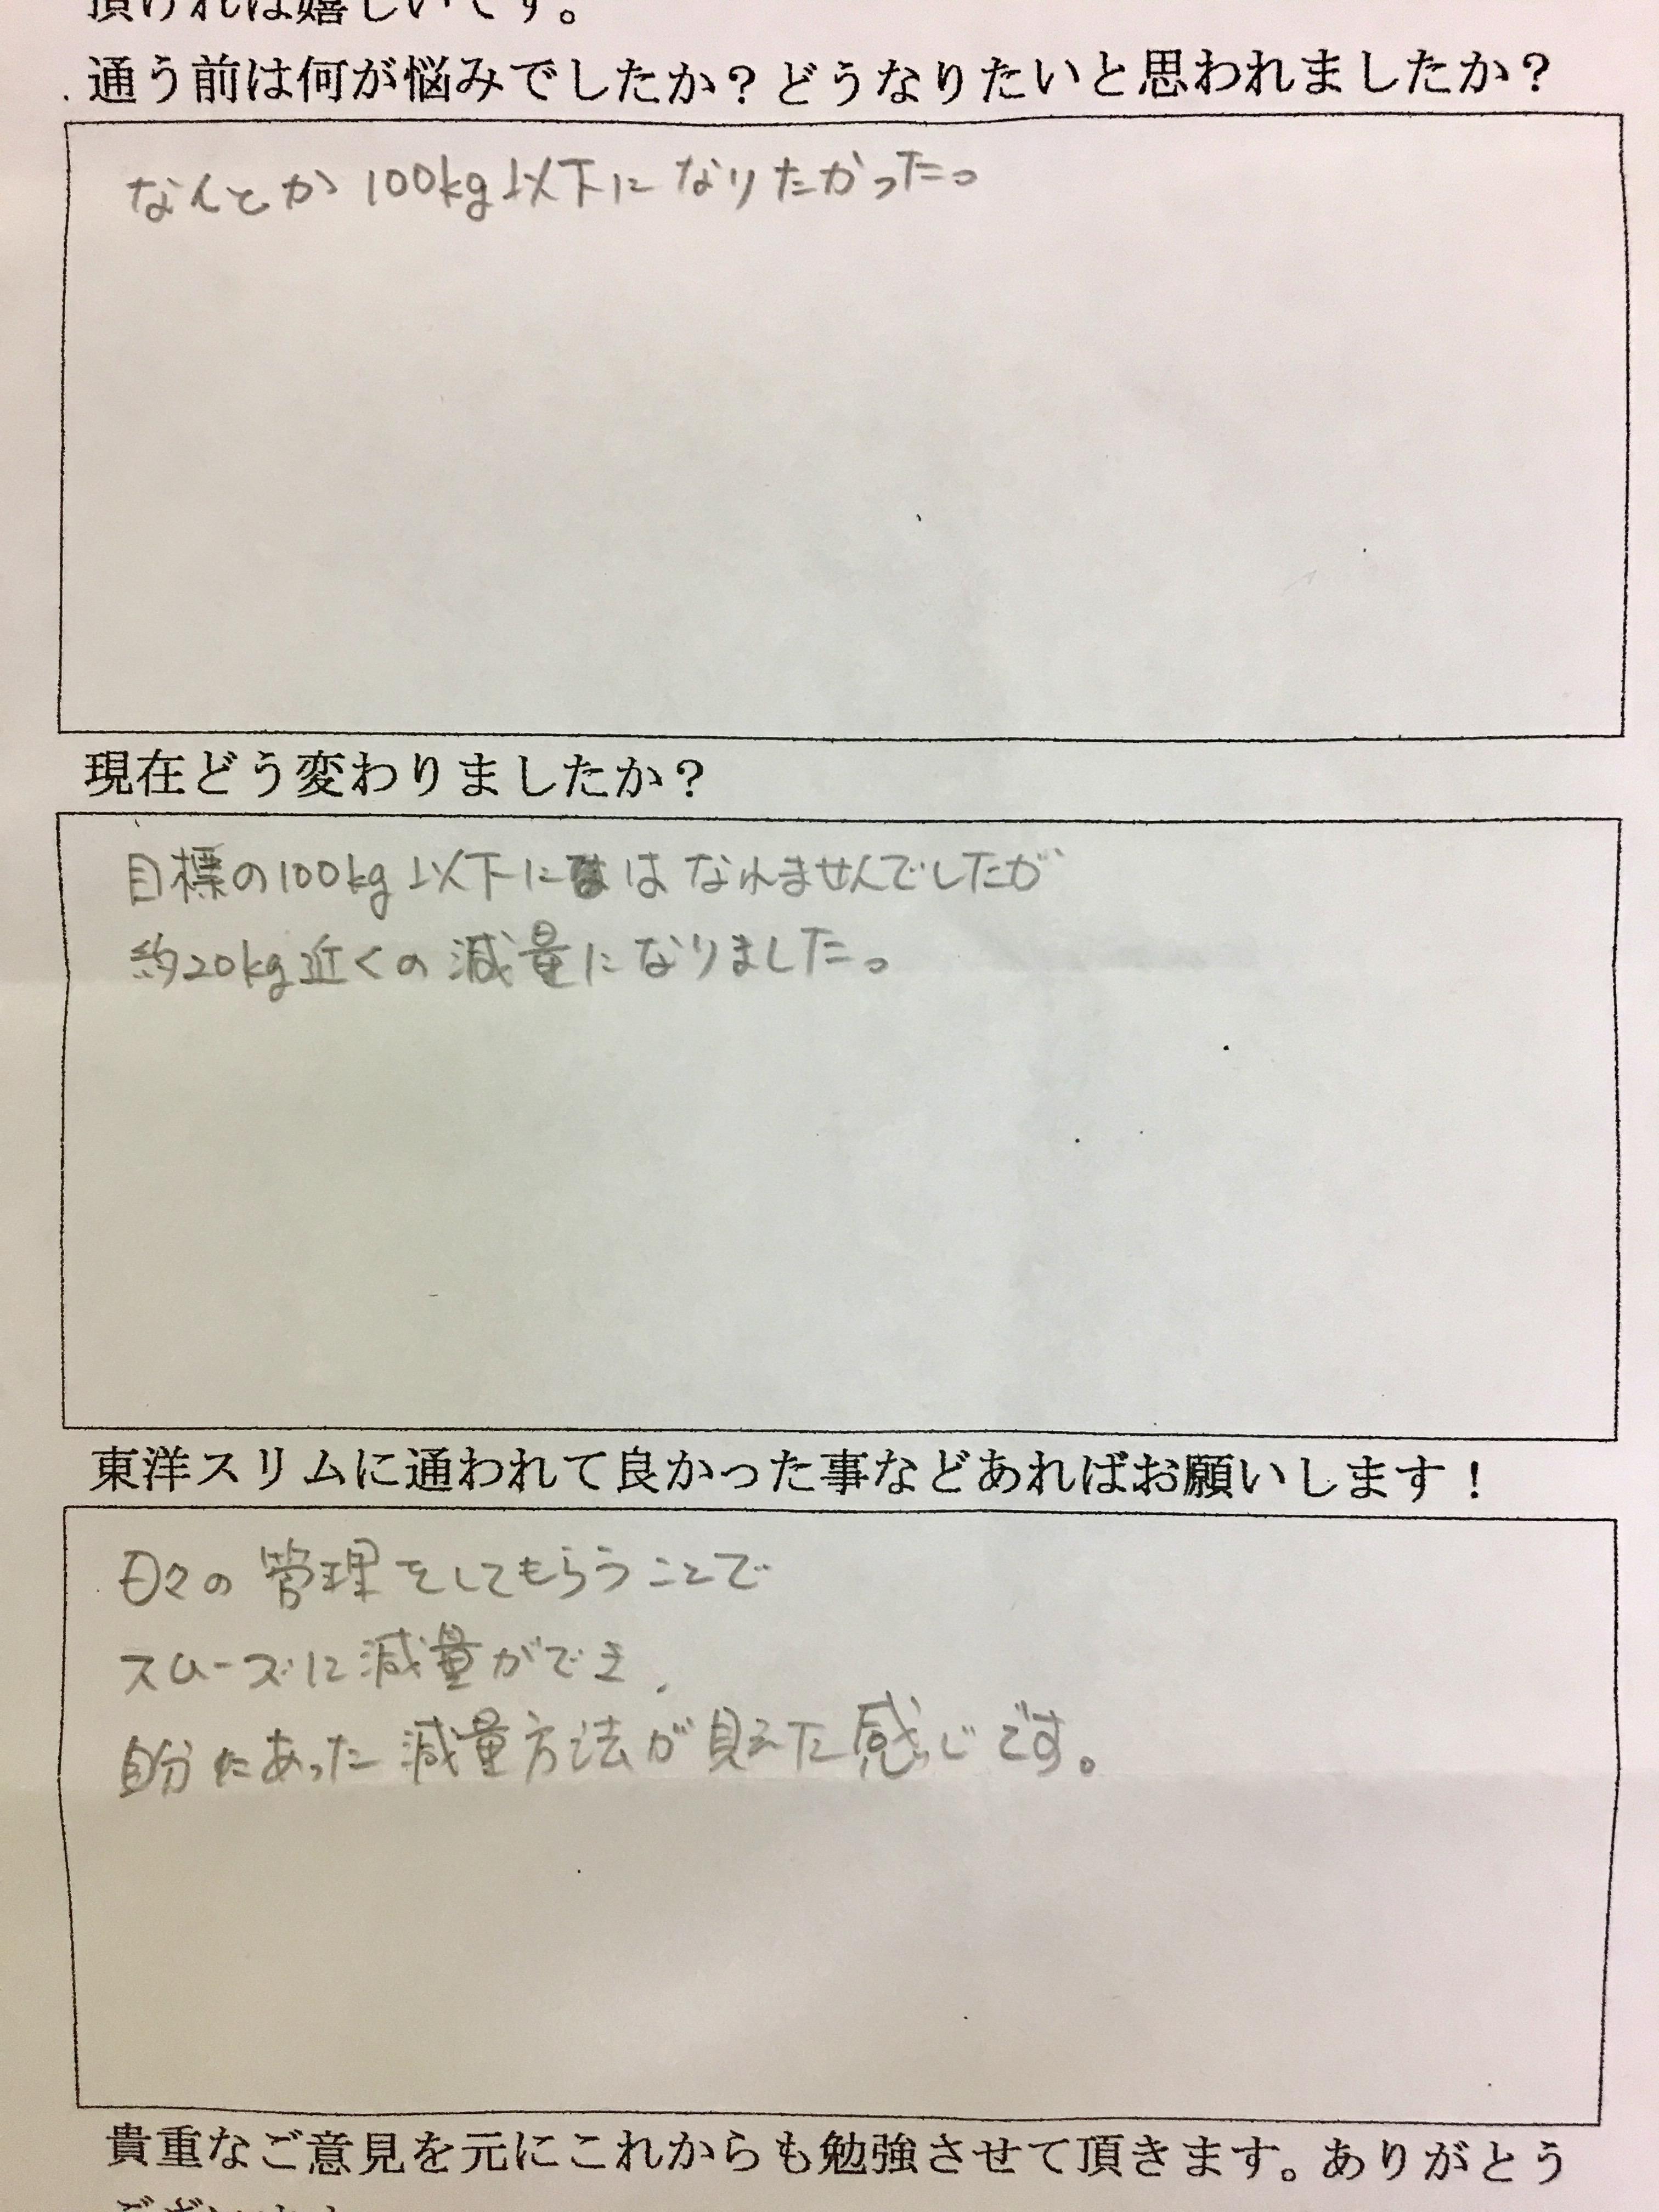 大阪府堺市Mさん(男性42才)東洋スリム耳ツボ痩身法で18kgダイエット成功